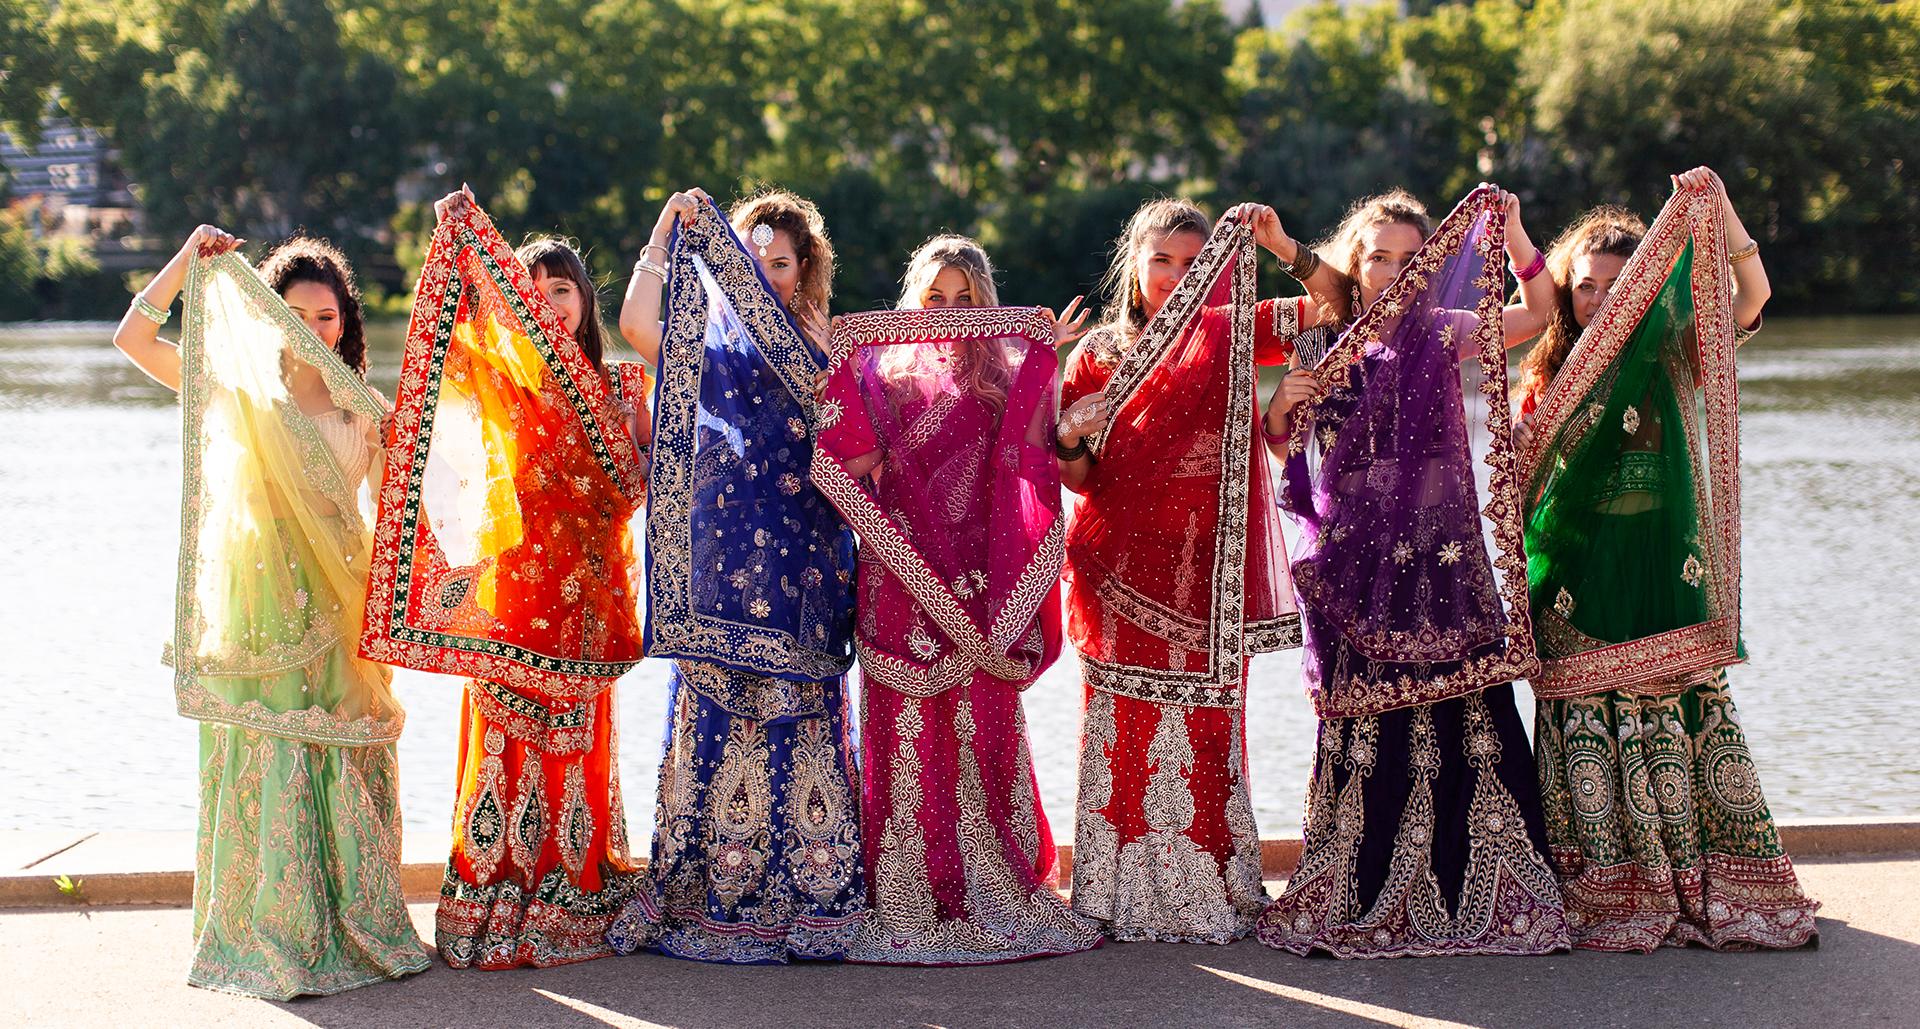 Cours de danse bollywood Lyon, Cours danse indienne Lyon